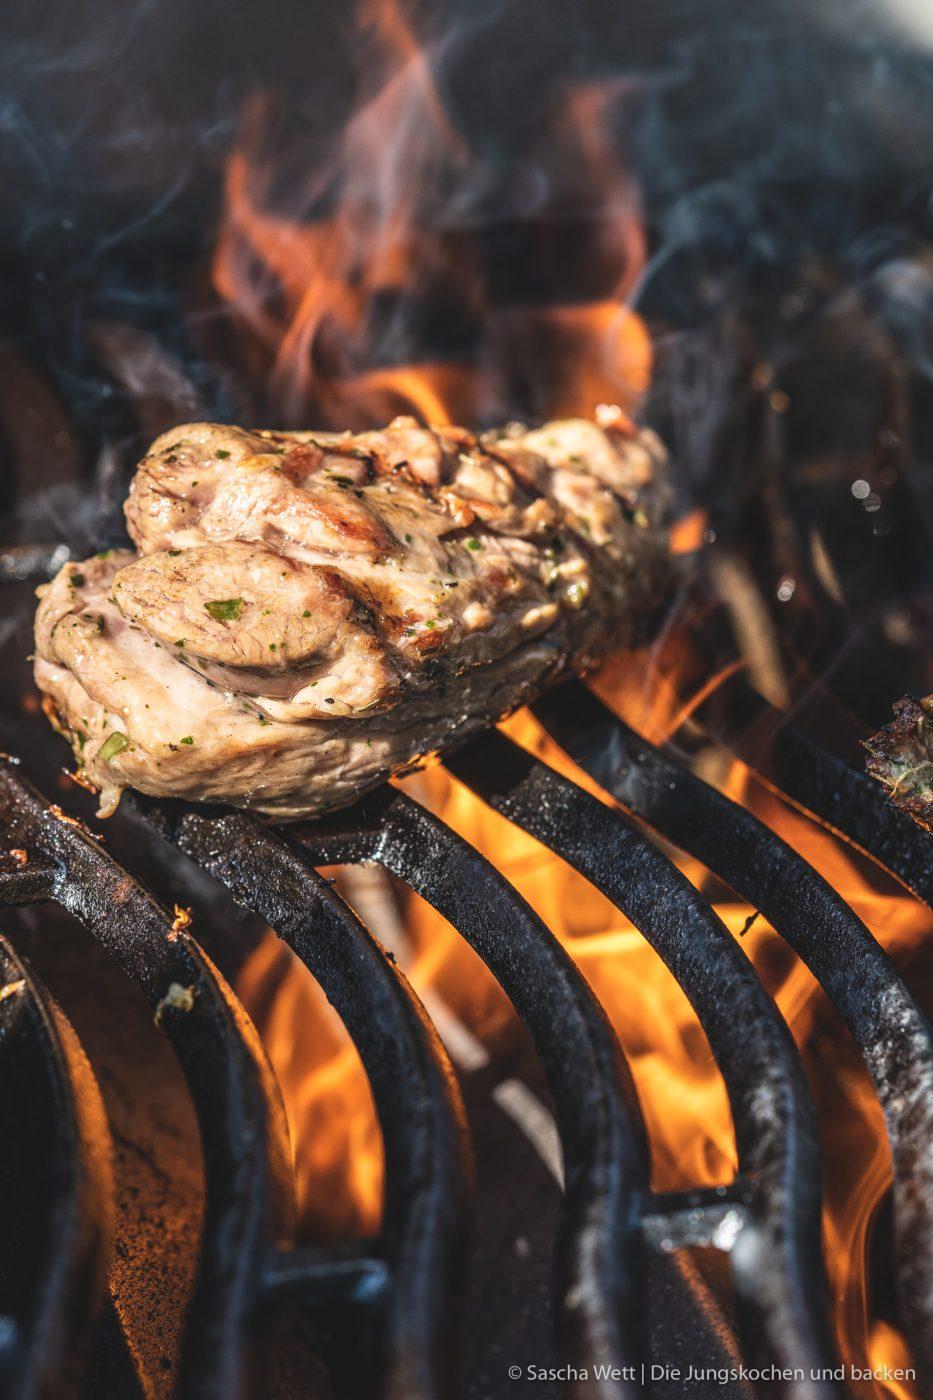 Island Lammfleisch vikingyr 4 | Vor einigen Wochen hatten wir die wundervolle Gelegenheit, das geniale Lammfleisch von Vikingyr kennenzulernen! Der isländische Star-Koch Gísli Matthías Auðunsson hat uns hautnah erleben lassen, wie unglaublich lecker das isländische Lammfleisch schmeckt. Wir und auch die anderen Eventteilnehmer waren einfach sofort Feuer und Flamme!! Warum das Lammfleisch von Vikingyr für uns das beste Lammfleisch ist, das wir bisher probieren durften und was genau dahinter steckt, darüber werden wir euch heute einen genaueren Einblick geben.